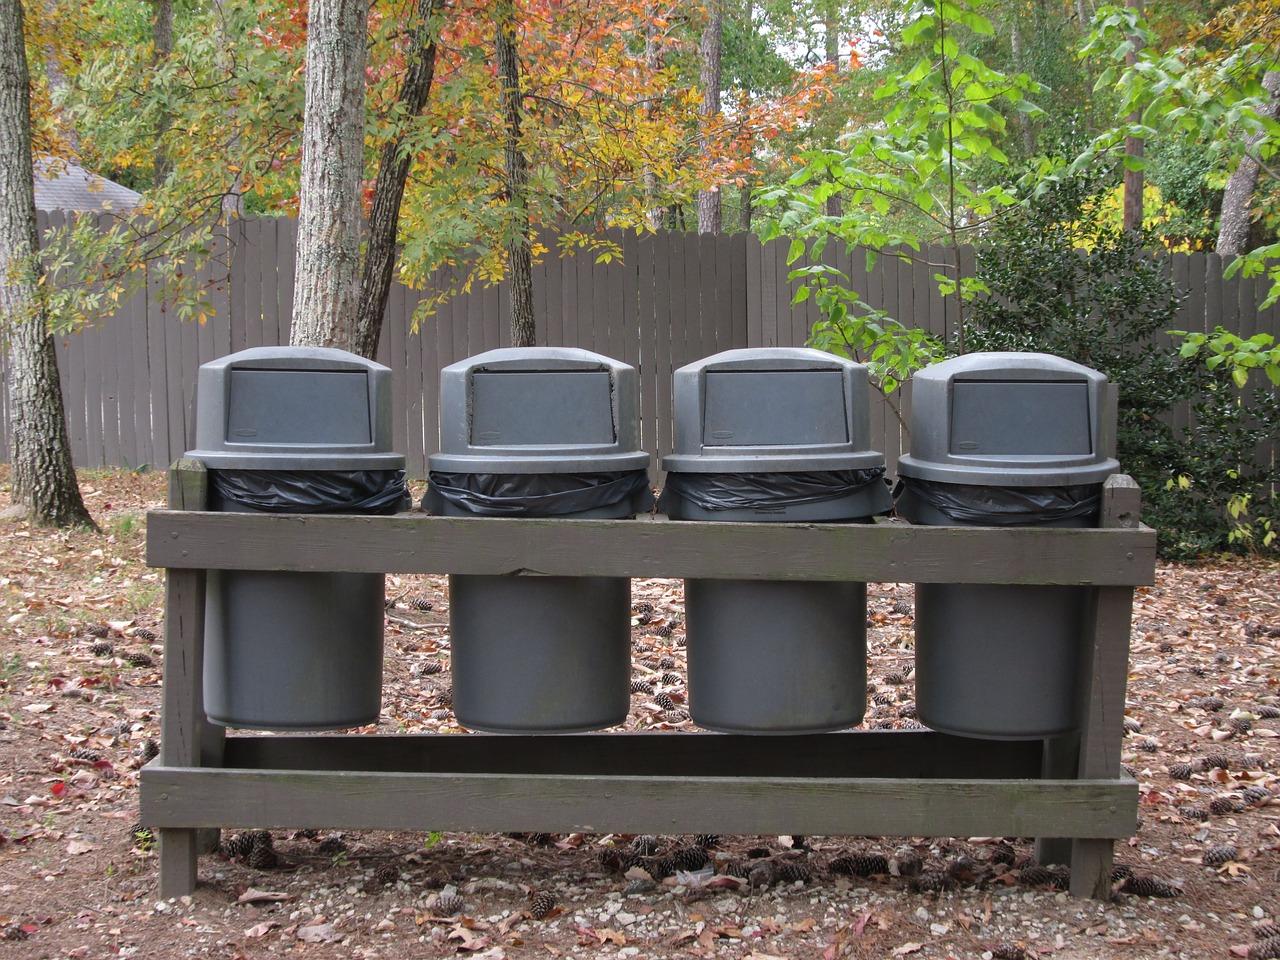 Kosze na śmieci: element, którego nie może zabraknąć w każdym parku